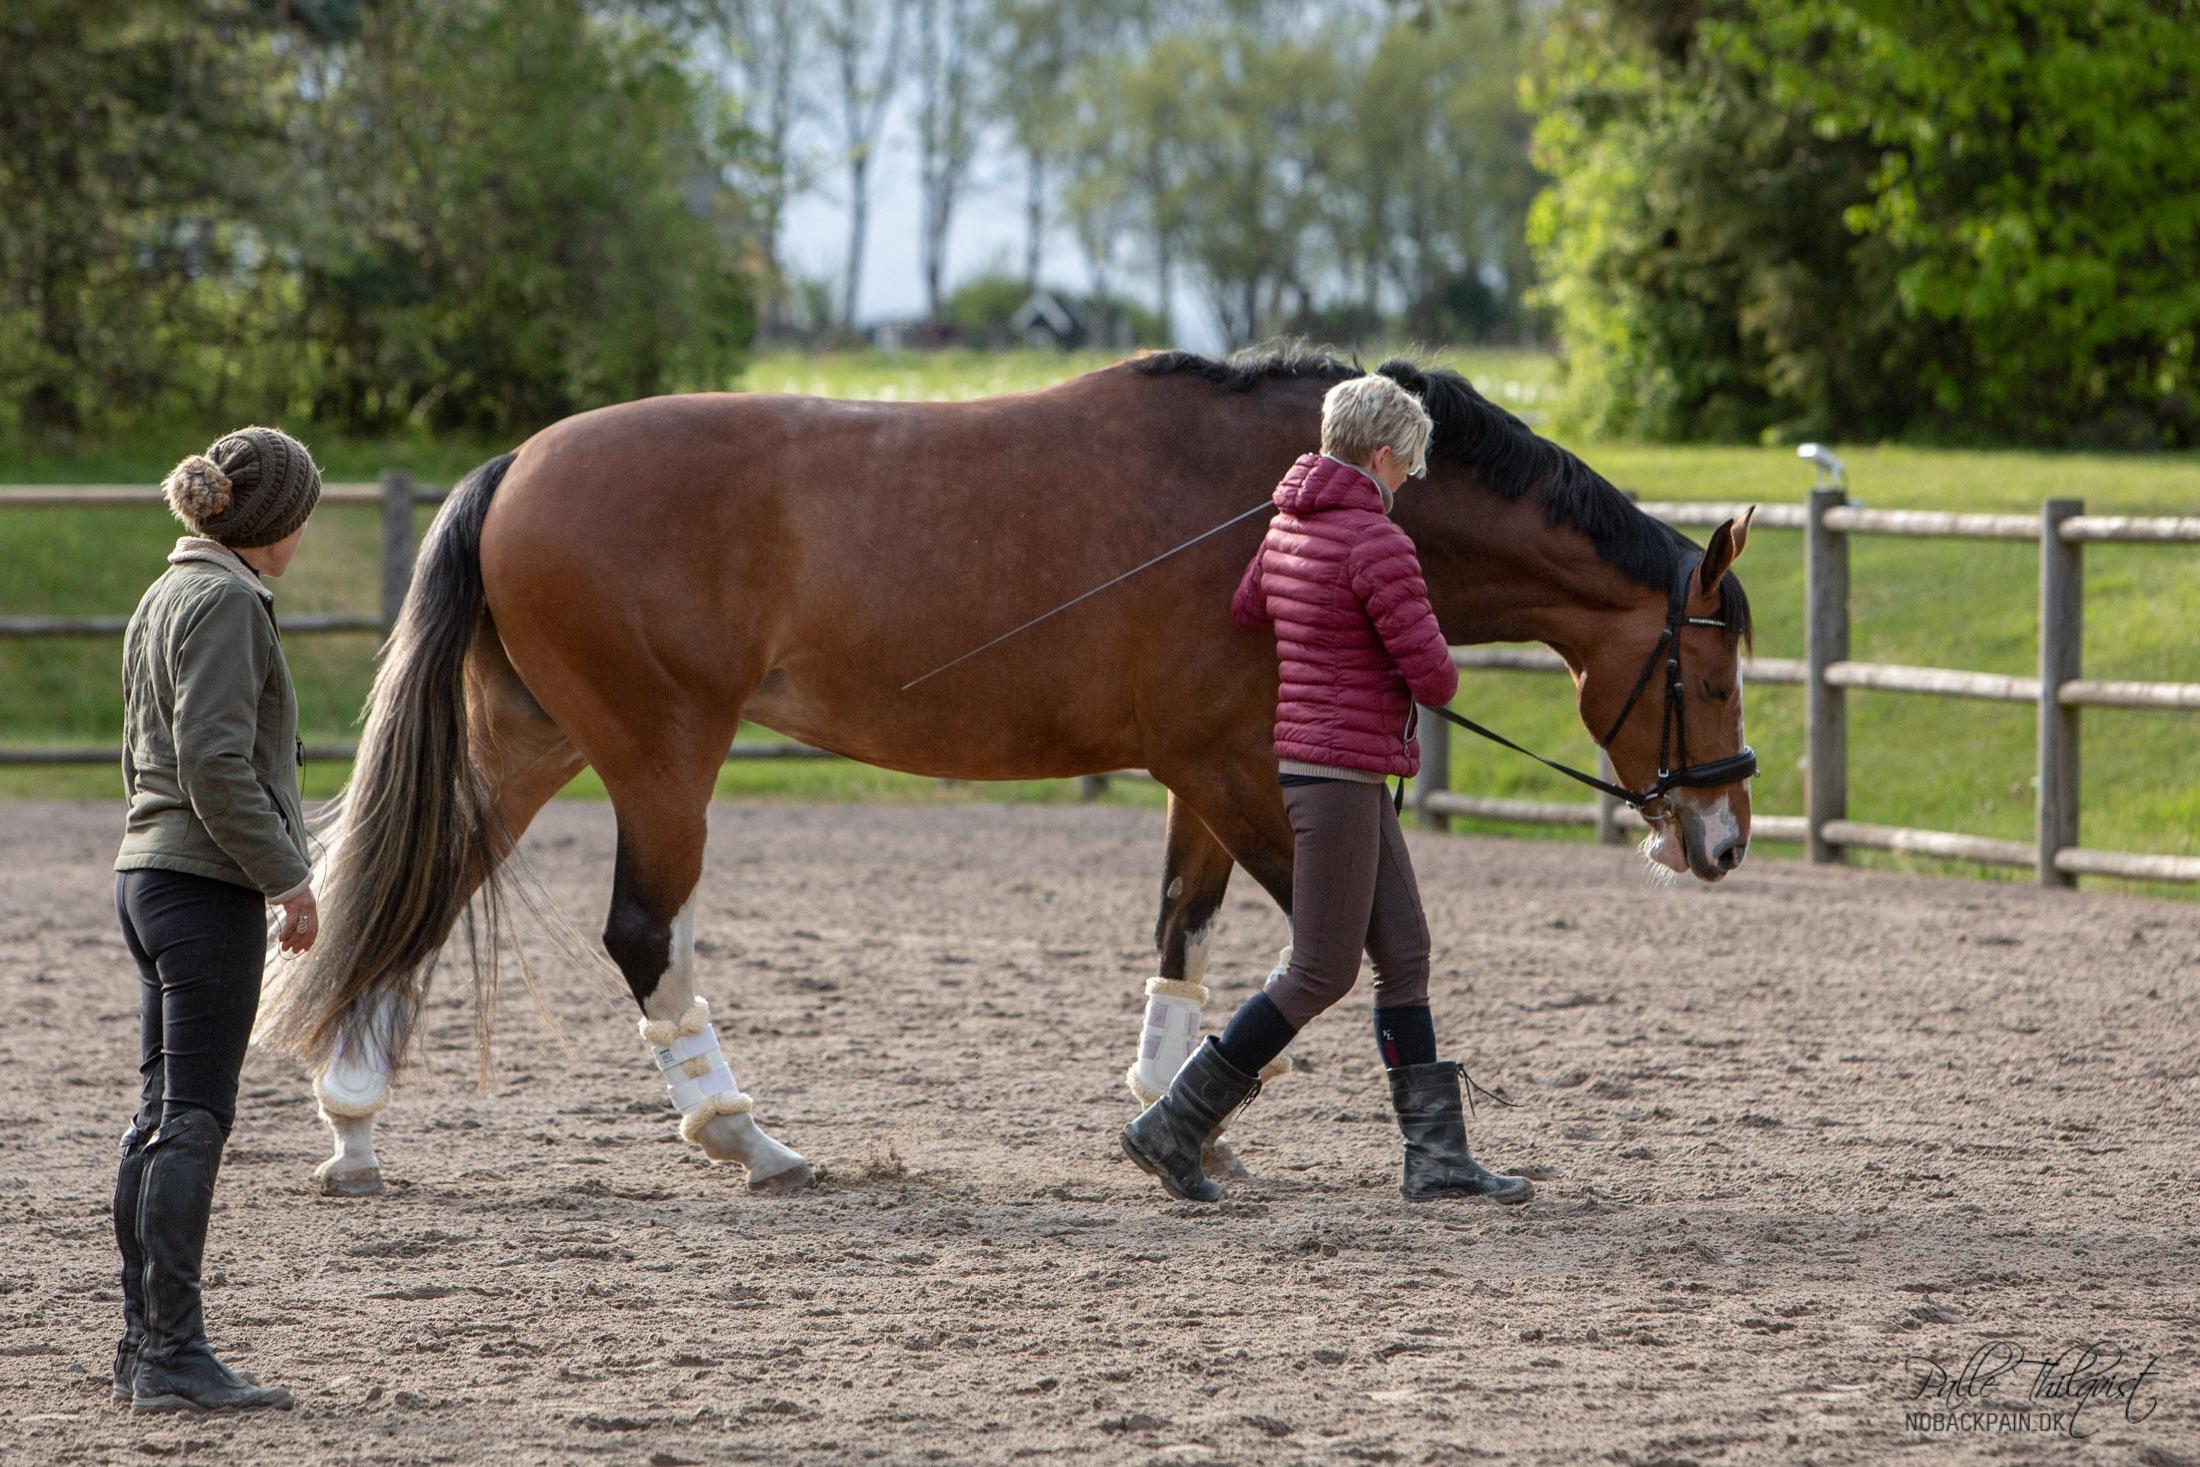 Lillepigen arbejdes for hånd. En god gammel metode til at forklare hesten hvad man vil have den til inden man begynder ridningen.